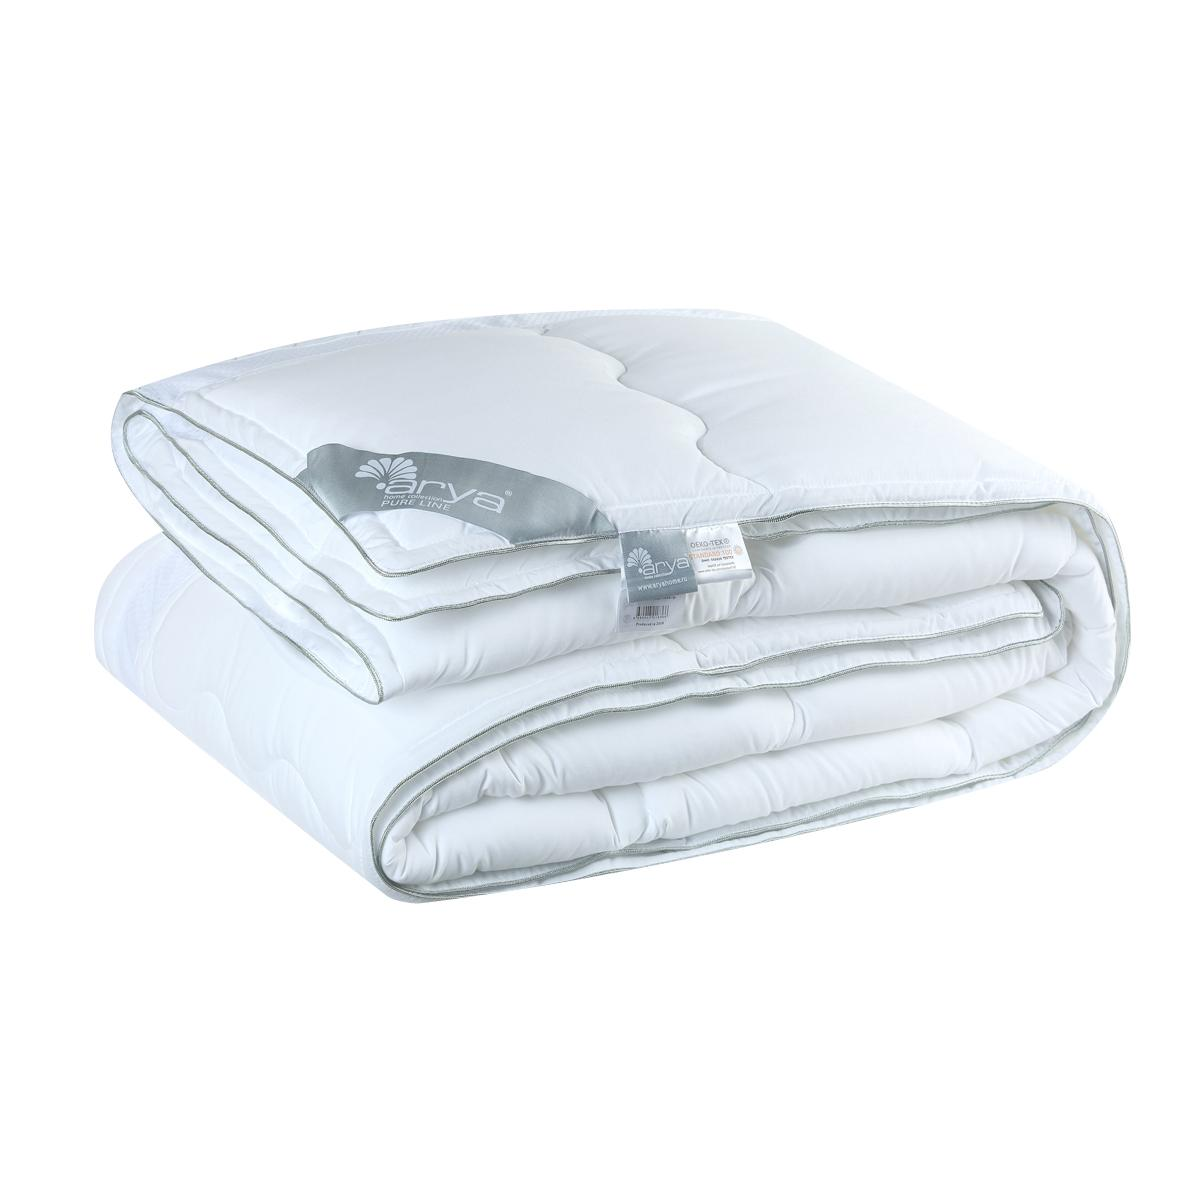 Одеяло Arya home collection Climarelle 215х195 см силиконизированное волокно